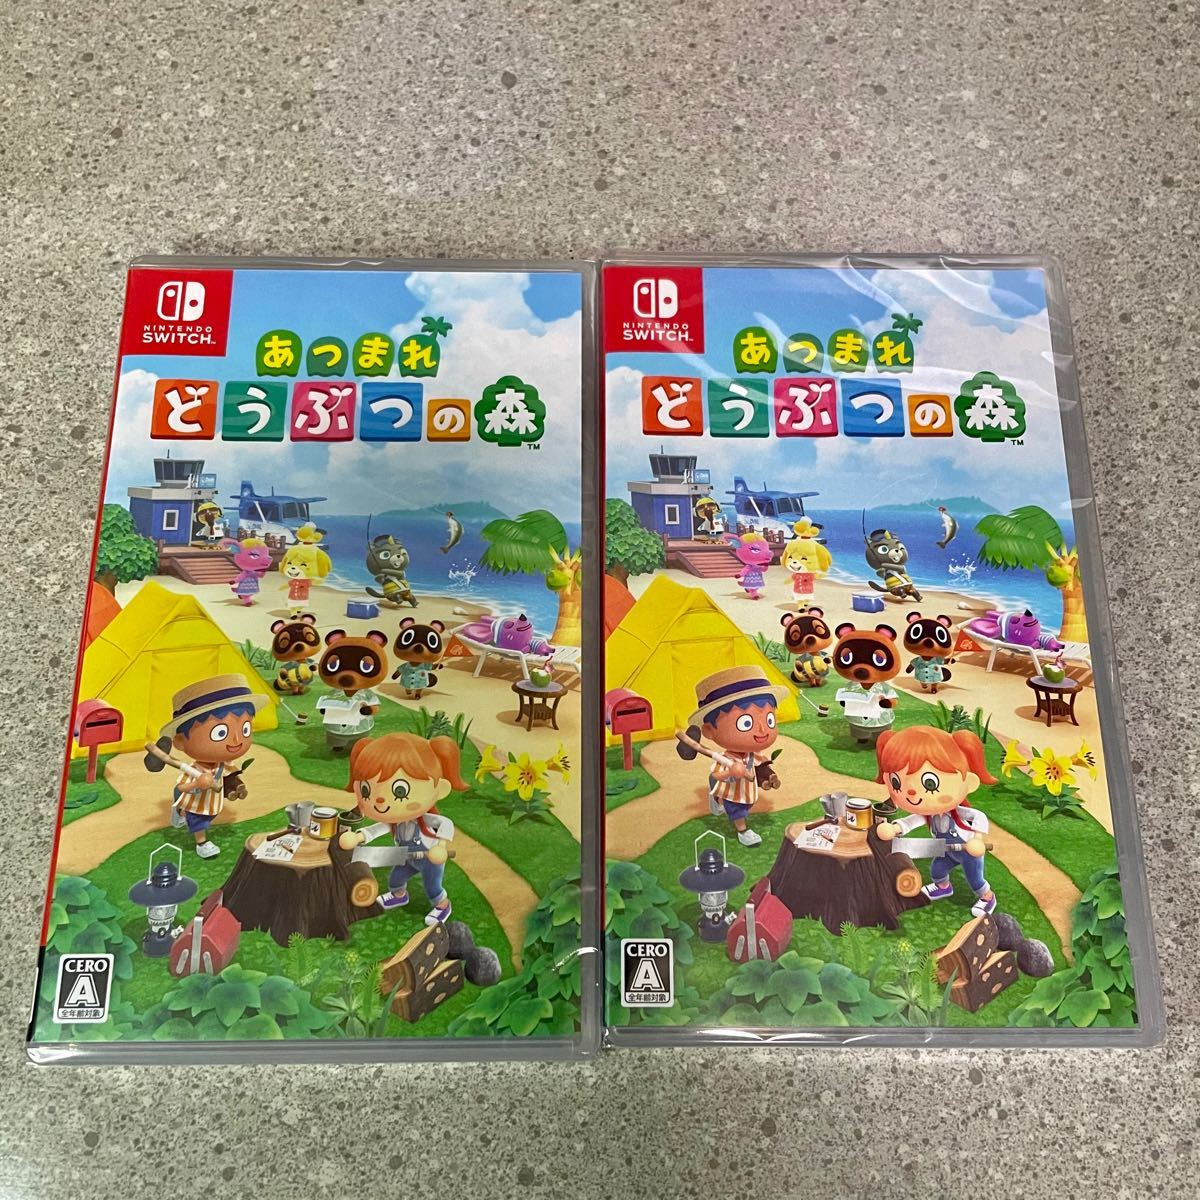 Nintendo Switch【新品未開封】あつまれ どうぶつの森ソフト 2本セット 1